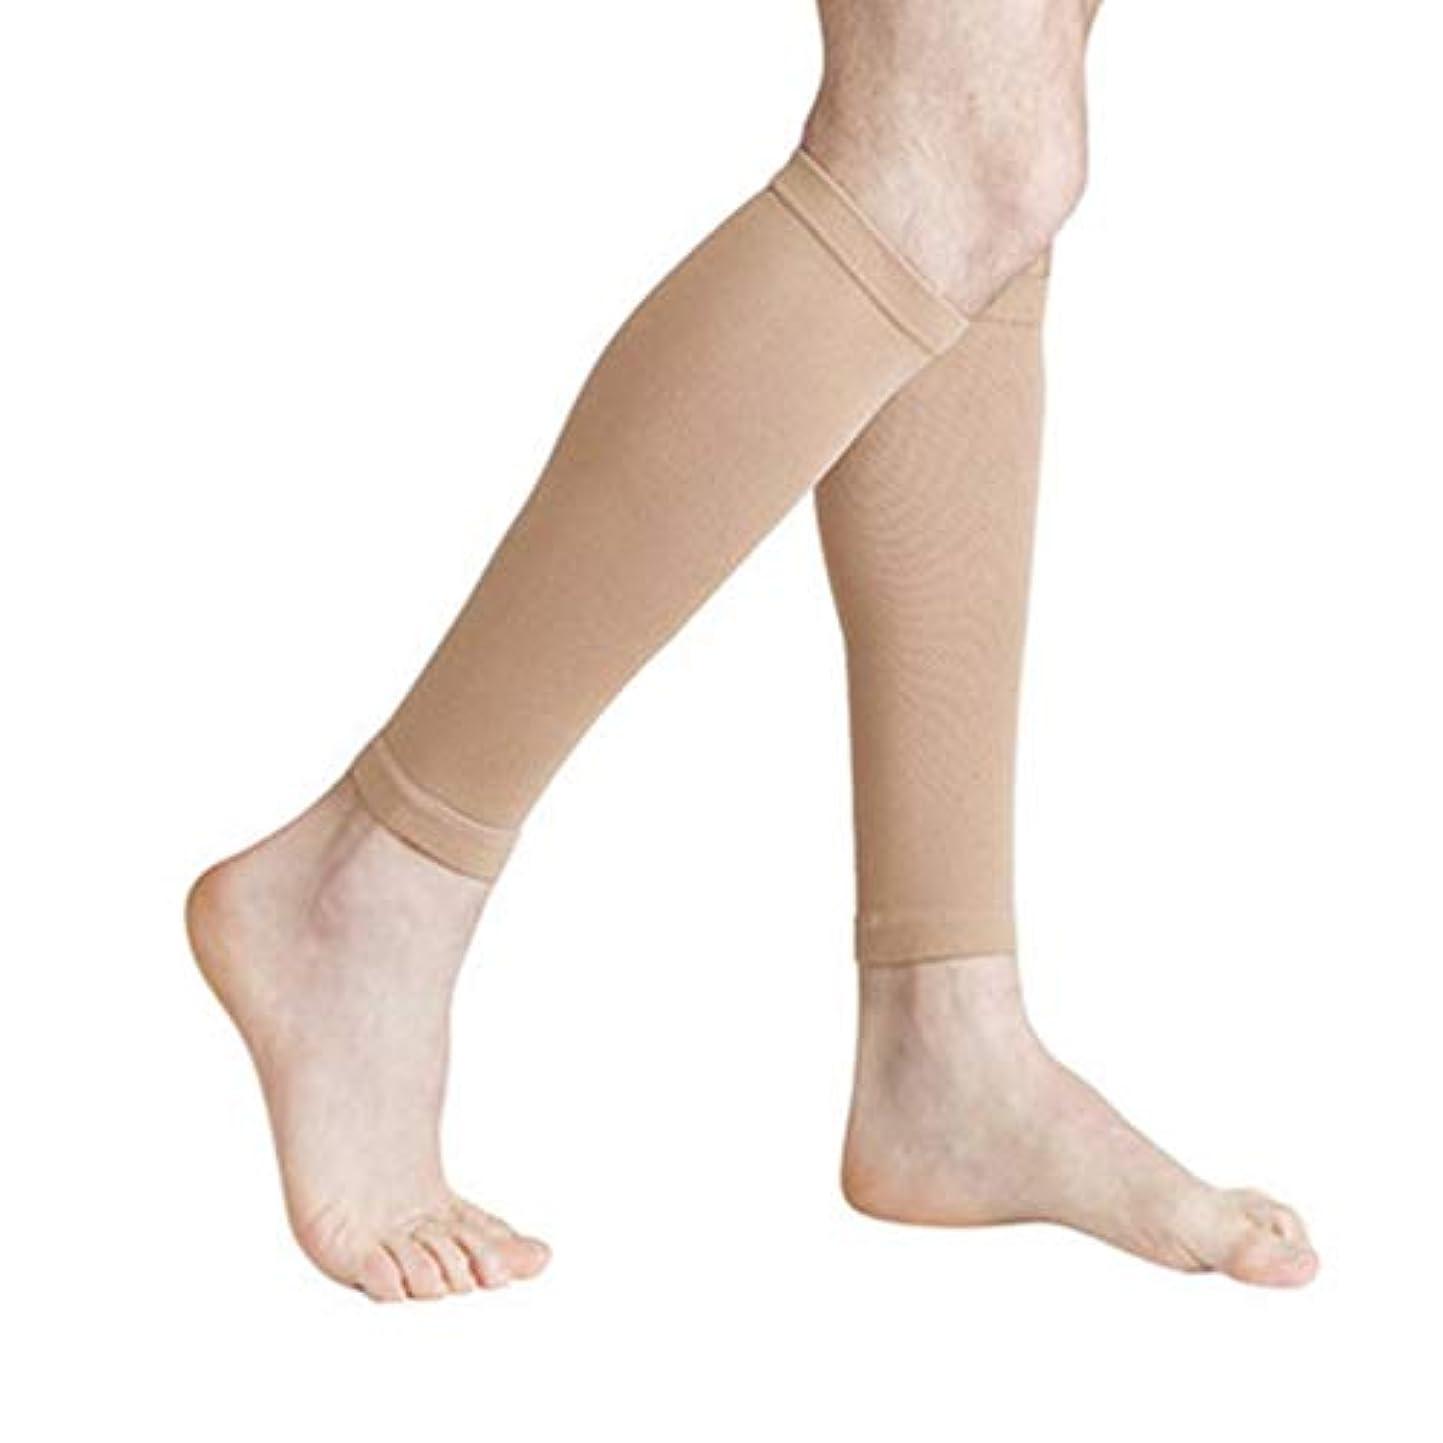 クロス戸惑うこだわり丈夫な男性女性プロの圧縮靴下通気性のある旅行活動看護師用シントスプリントフライトトラベル - 肌色